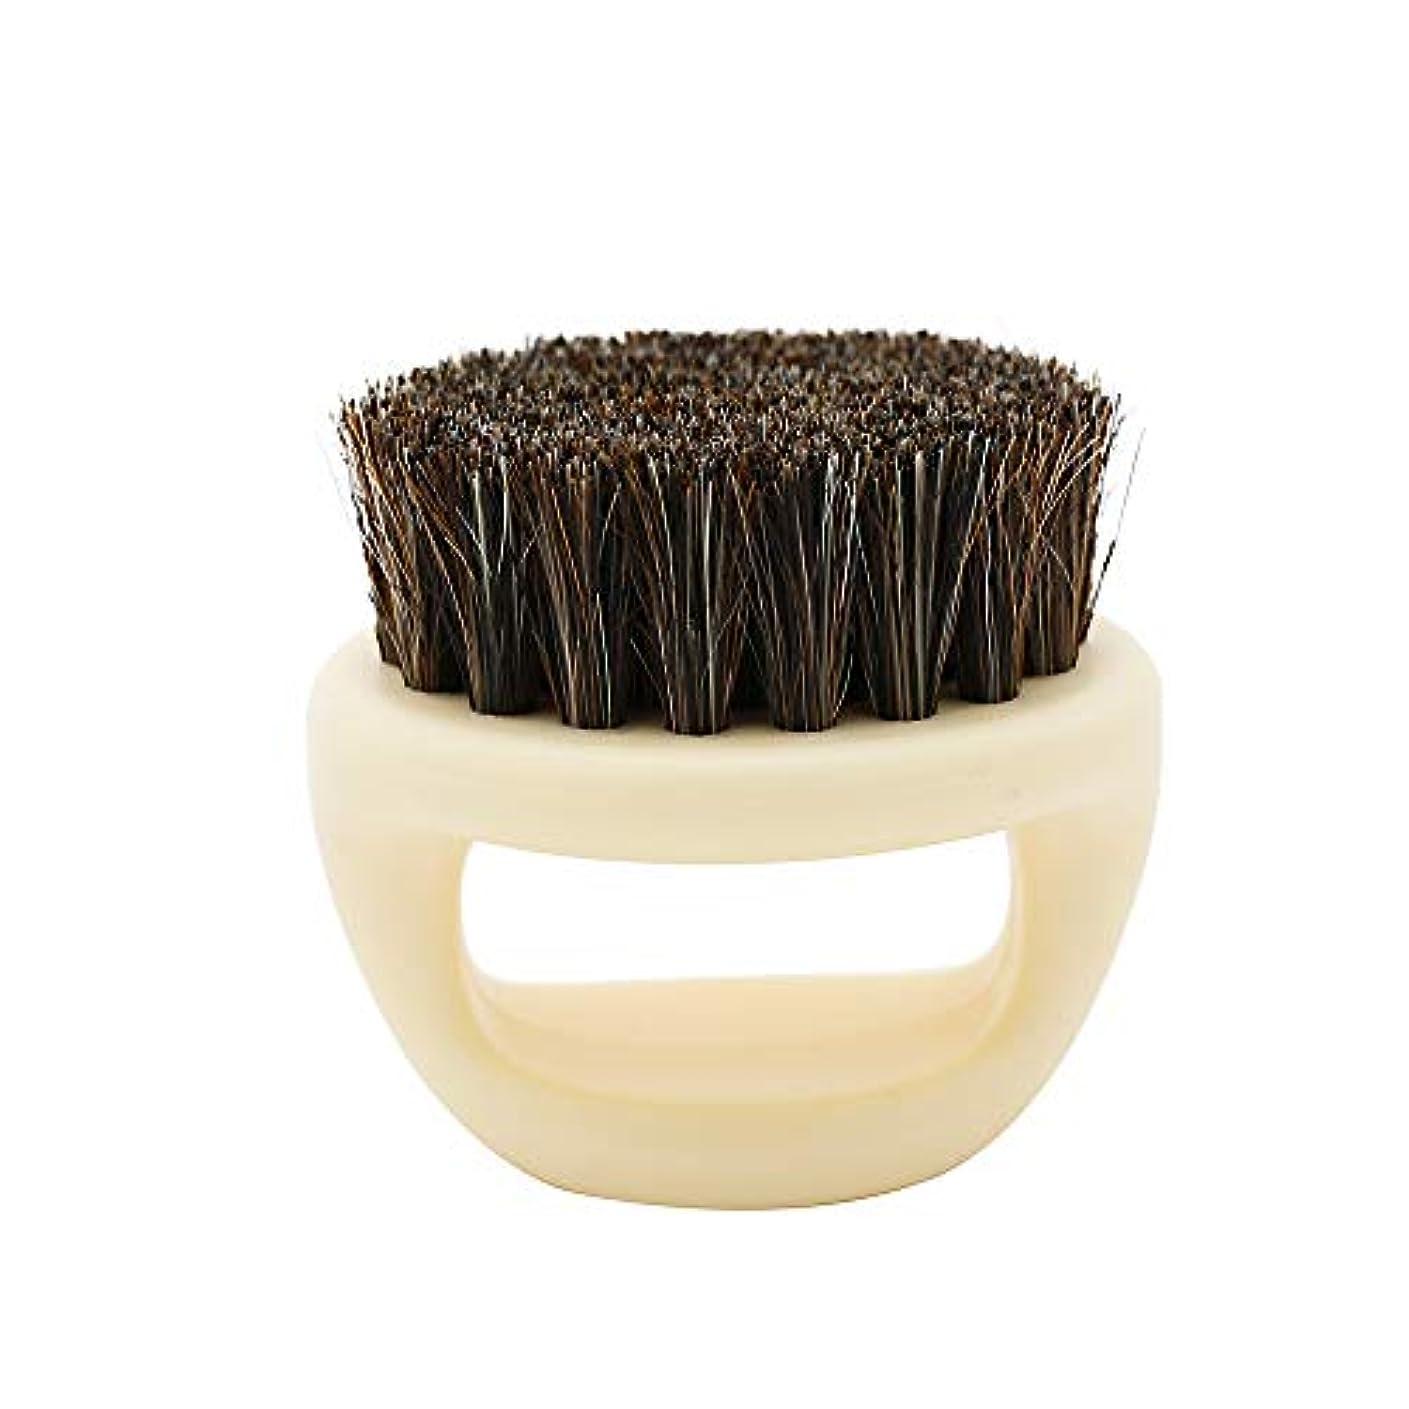 サーバギャラリーパックGaoominy 1個リングデザイン馬毛メンズシェービングブラシプラスチック製の可搬式理容ひげブラシサロンフェイスクリーニングかみそりブラシ(ホワイト)